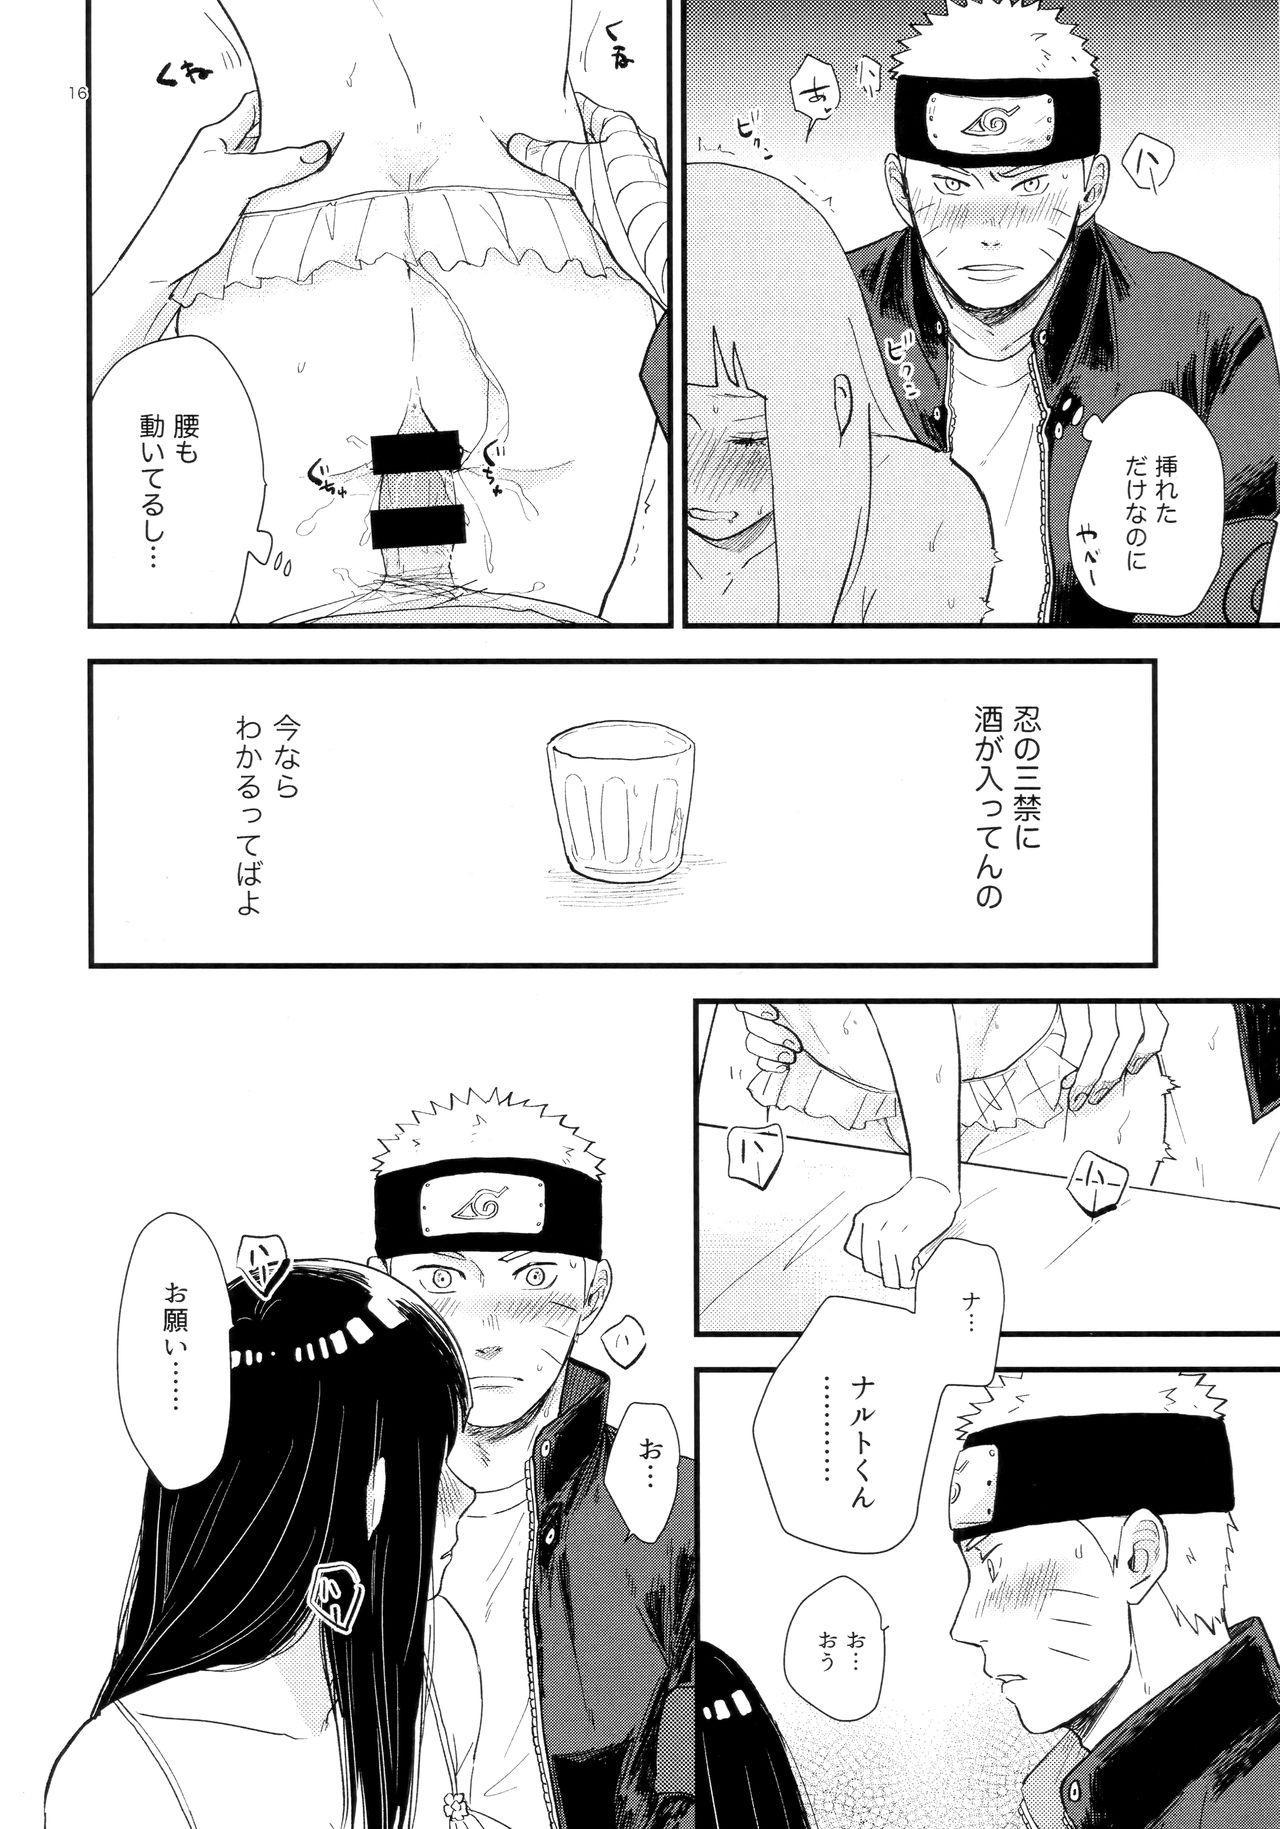 Hachimitsu to Himitsu 14